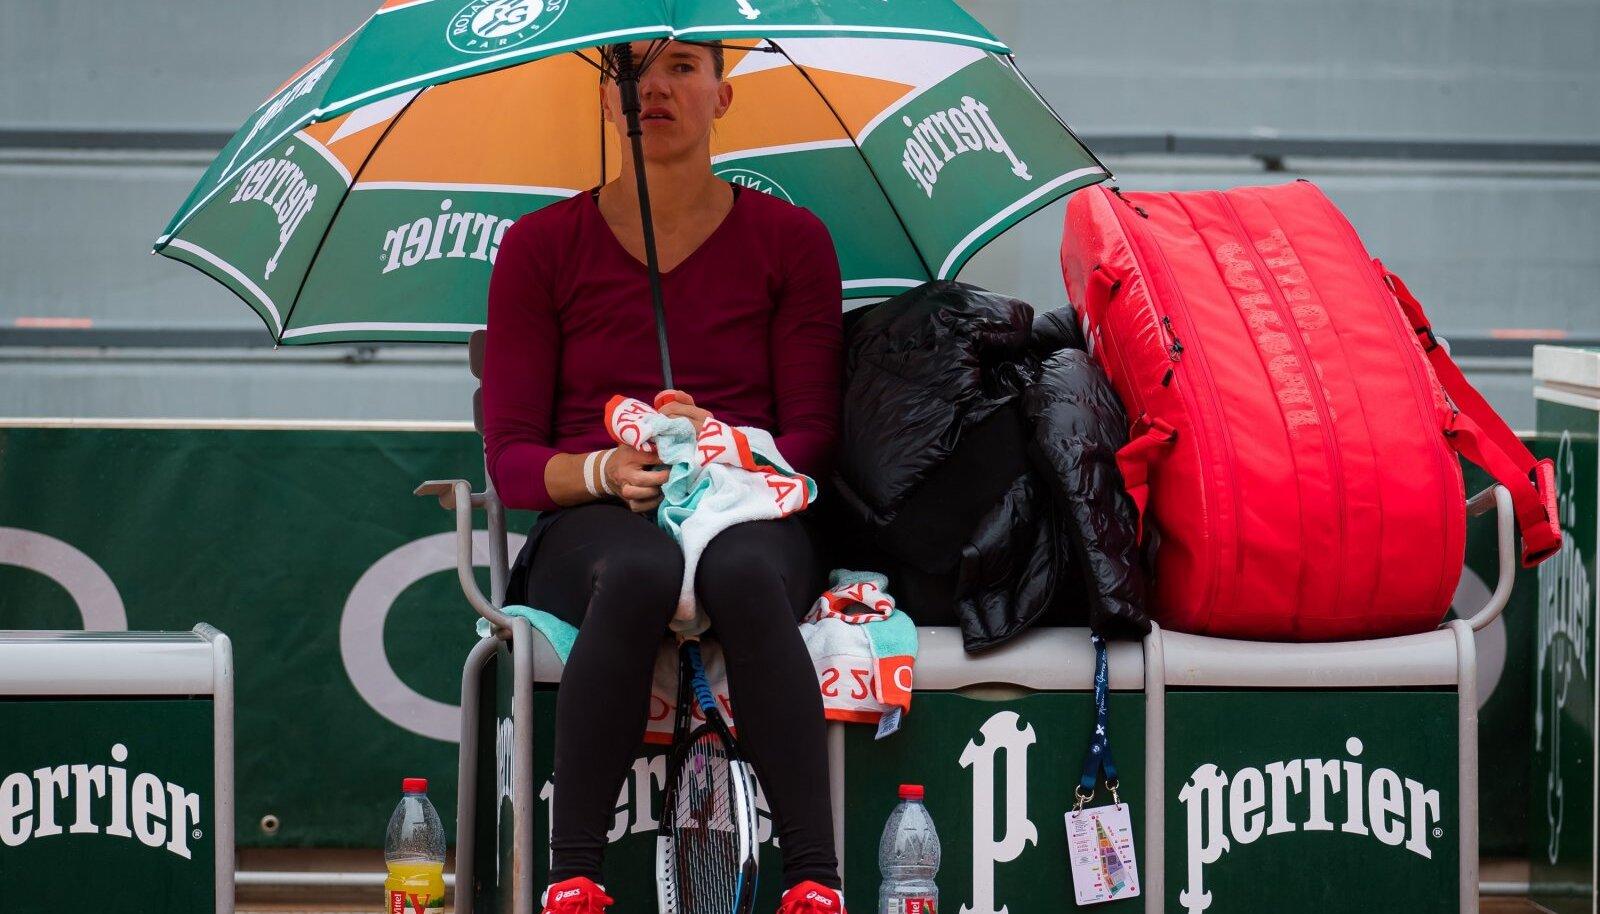 Kas Kaia Kanepil on veel põhjust Roland Garrosi vihmavarju all istuda, näitab aeg.